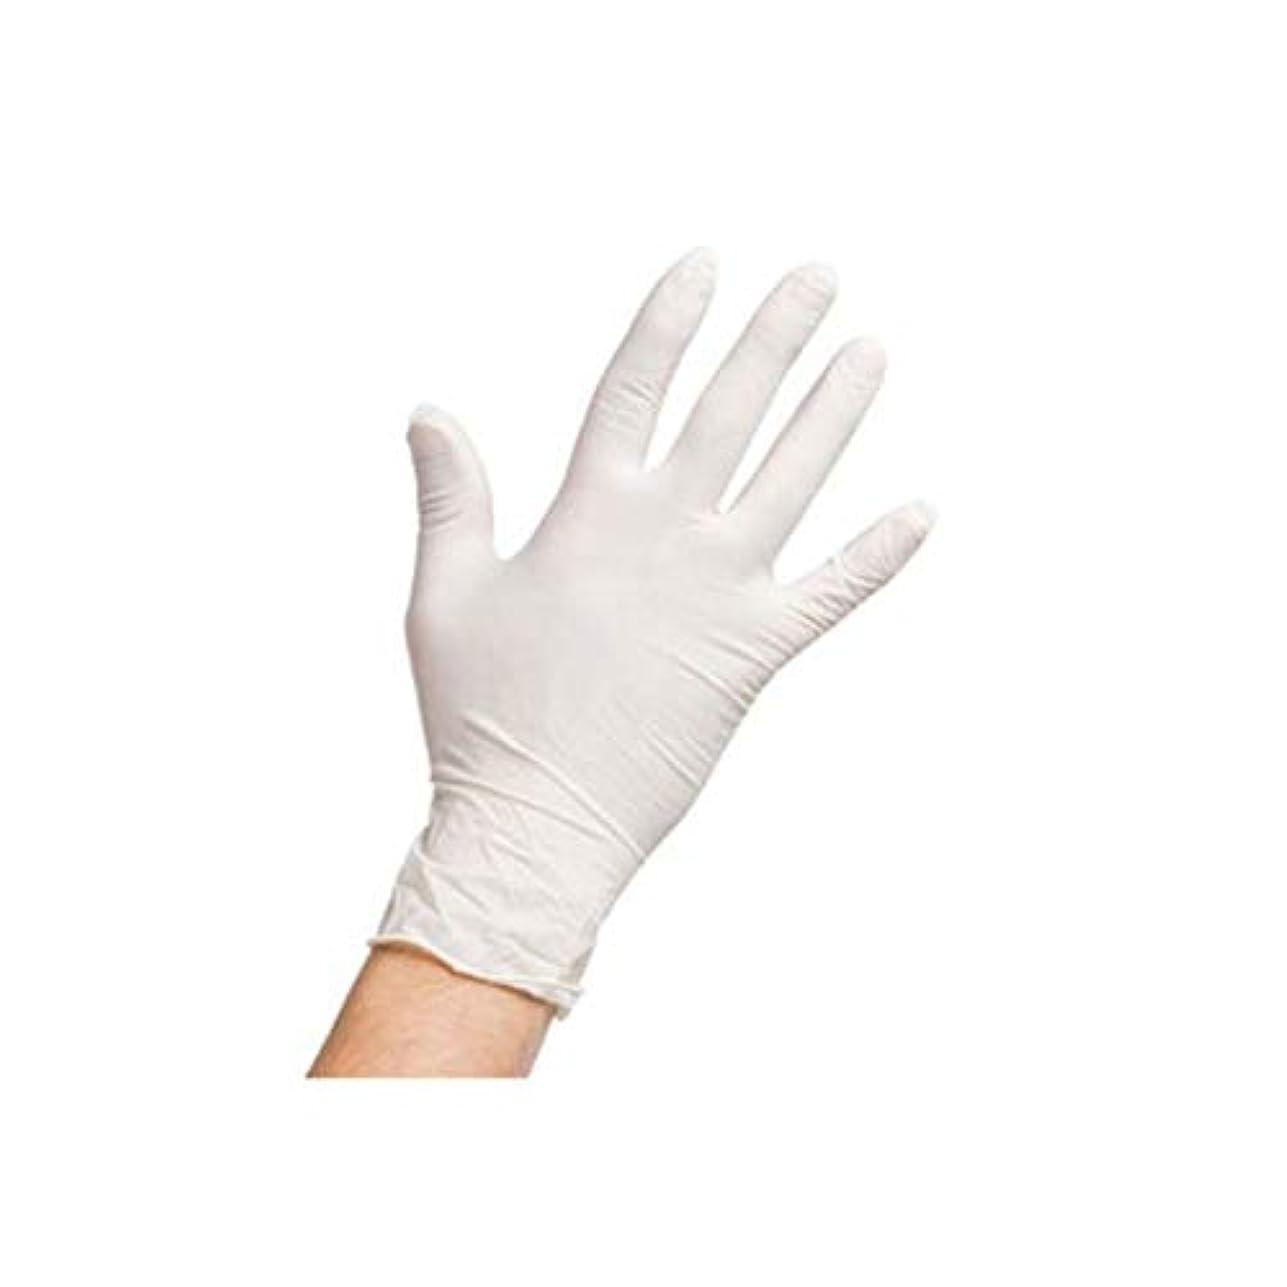 化学血うなずく(A1ラテックス) 最高品質のLatex手袋 ニトリル手袋 パウダーフリー 無粉末 200枚(6g Latex、4g Nitrile)【海外配送商品】【並行輸入品】 (S)